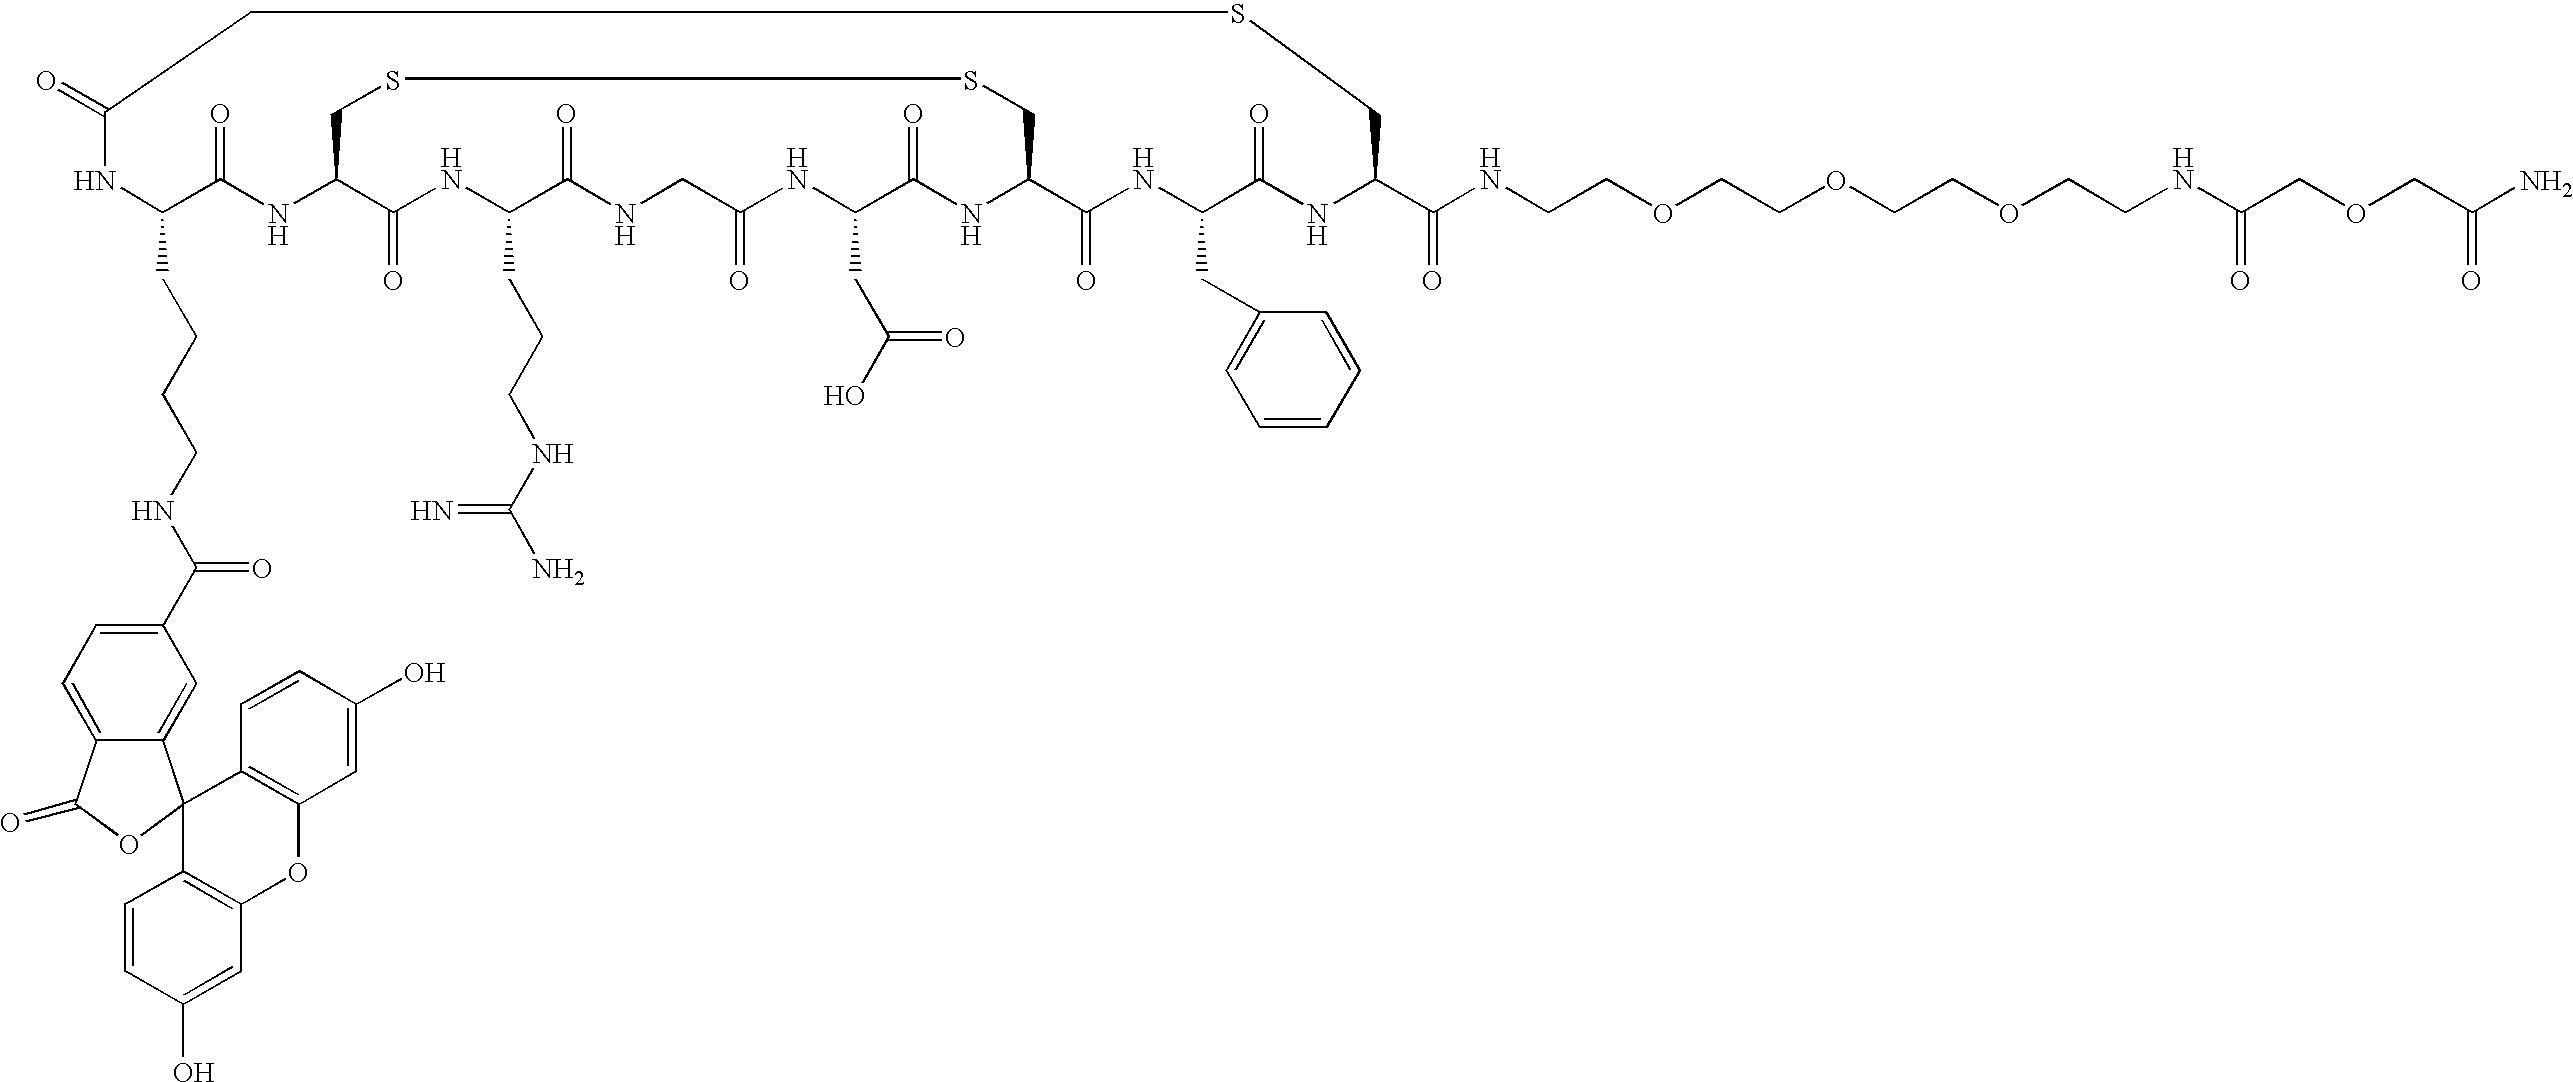 Figure US20090232741A1-20090917-C00019